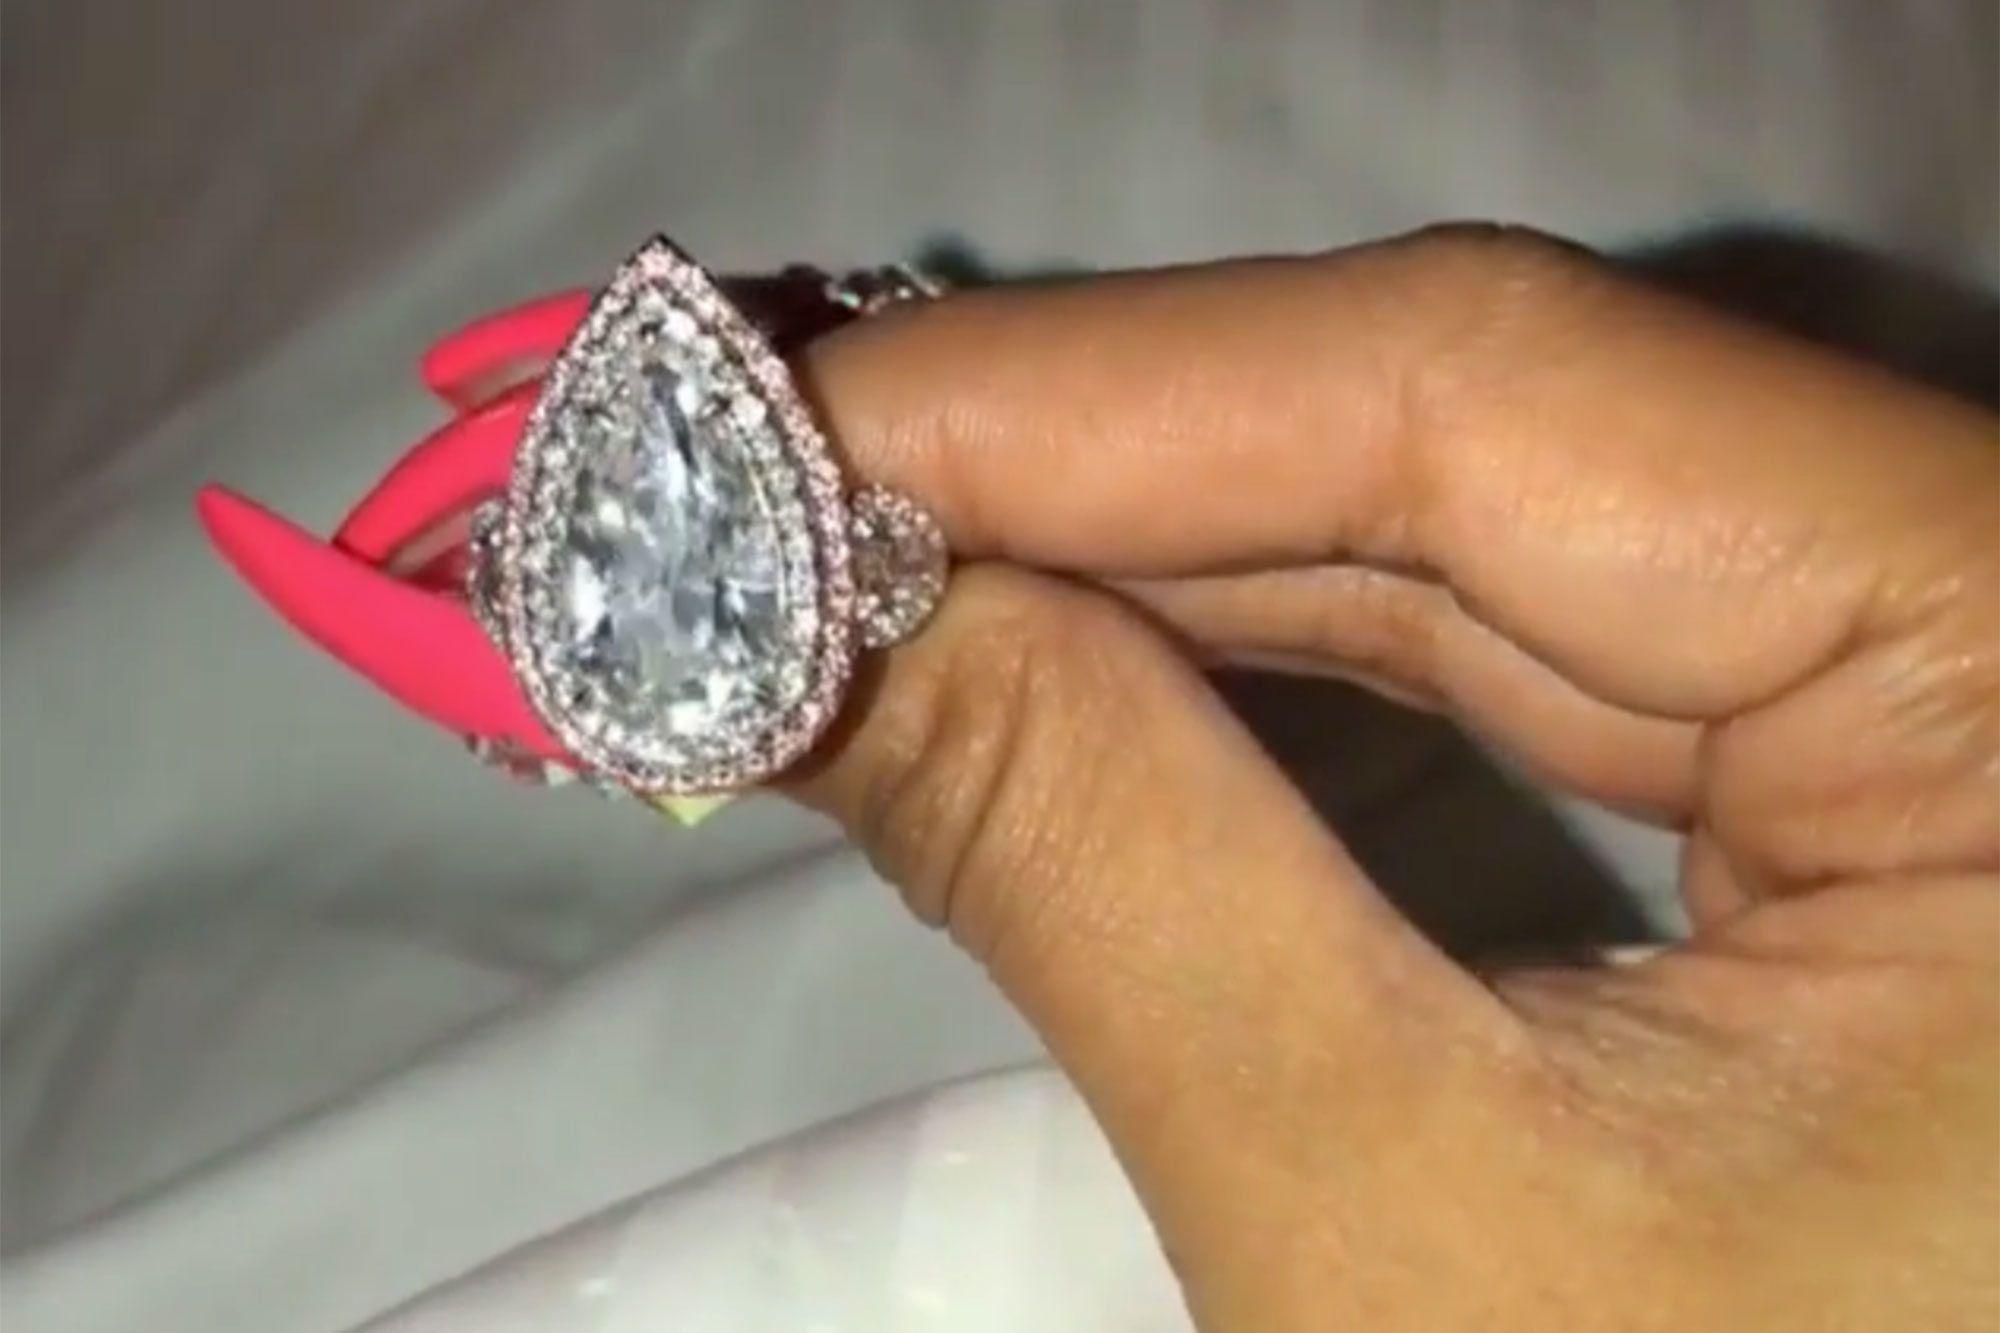 Cardi B Gives a CloseUp Look at Her Stunning 8Carat